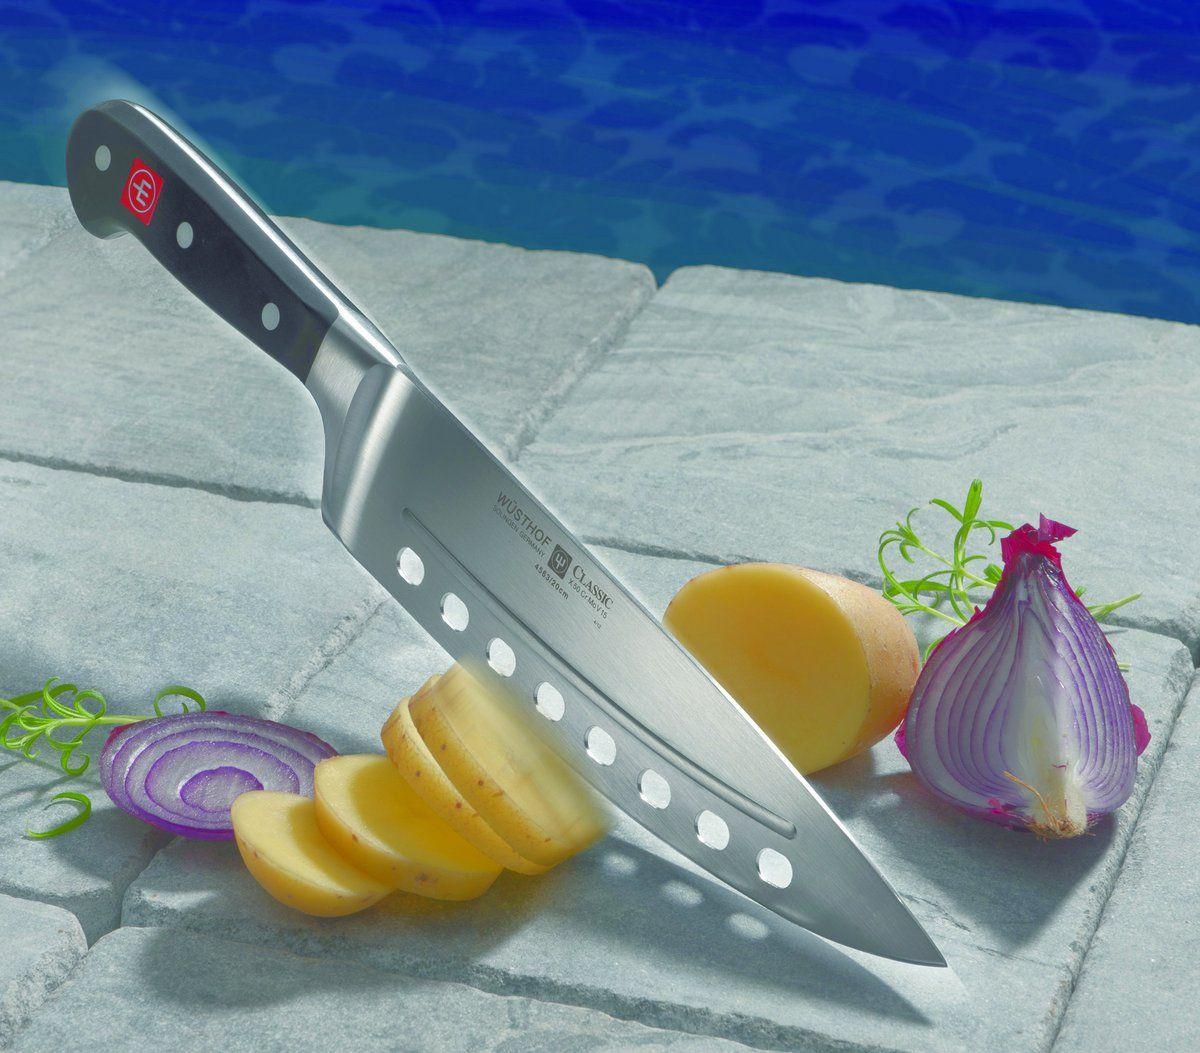 Küchengeräte / Messer